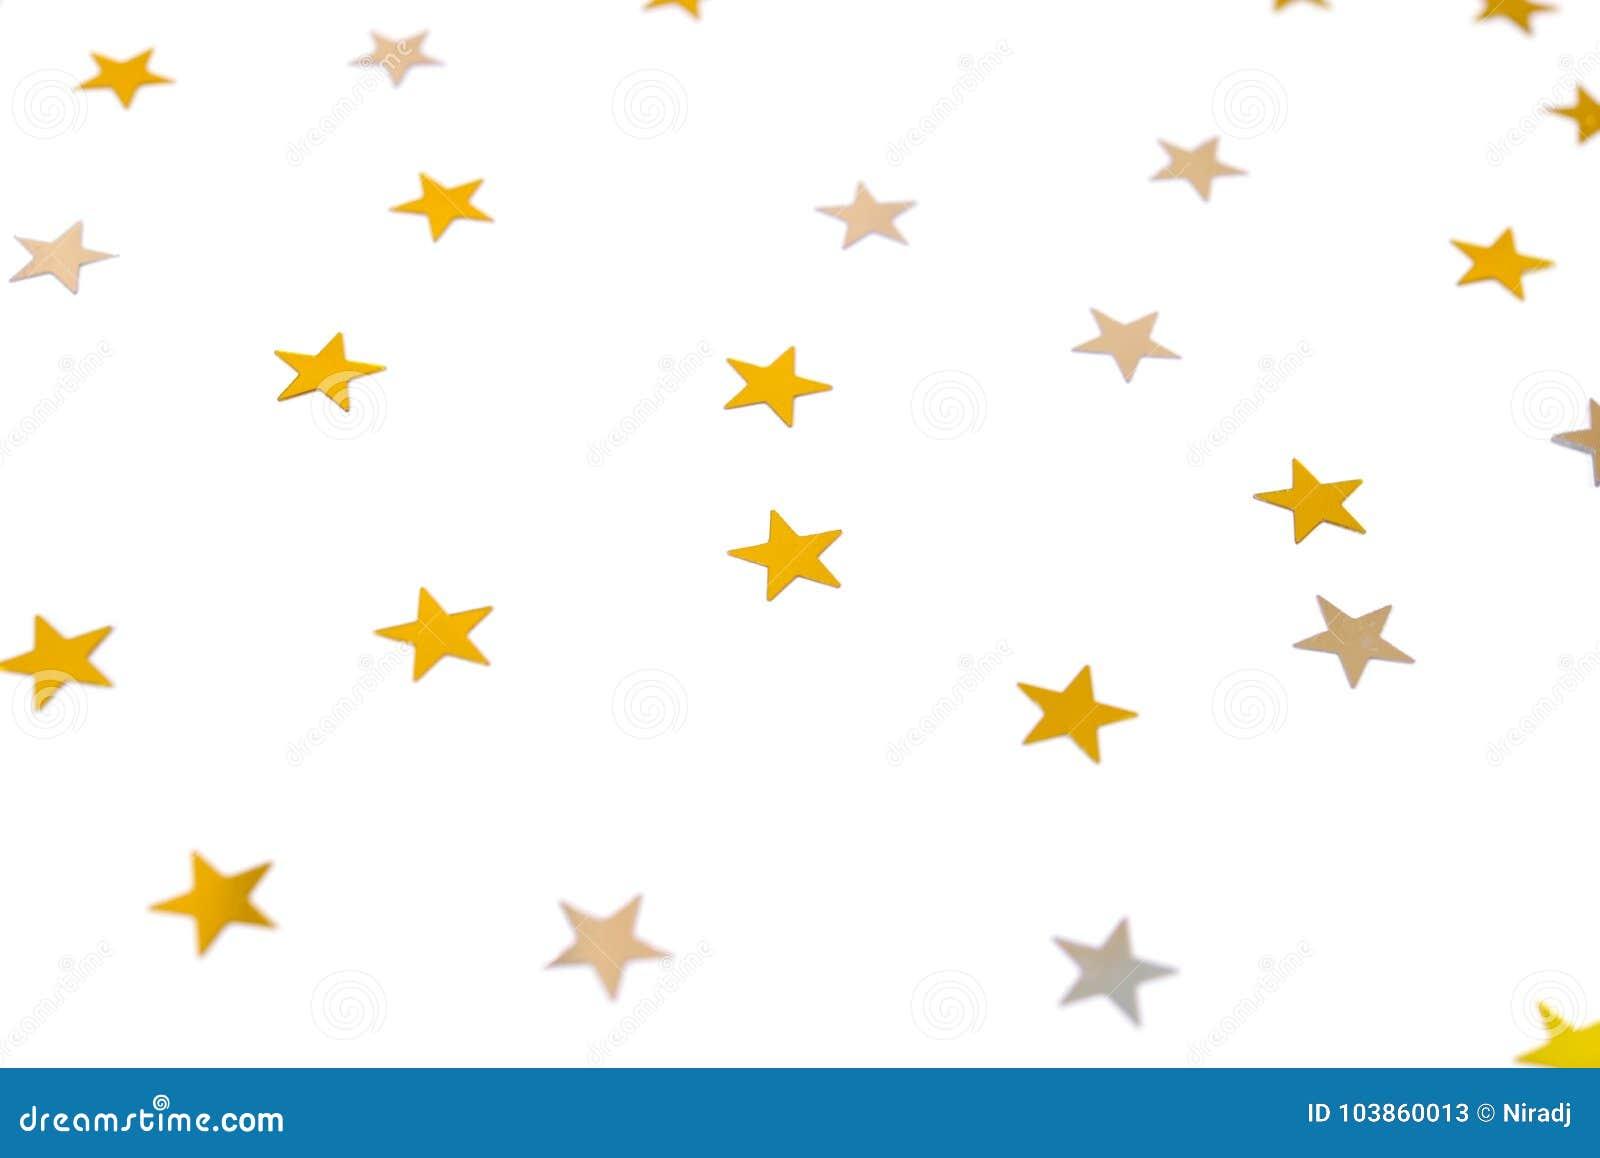 gold star confetti stock image image of golden light 103860013 rh dreamstime com Confetti Heart Border Free Clip Free Unicorn Clip Art